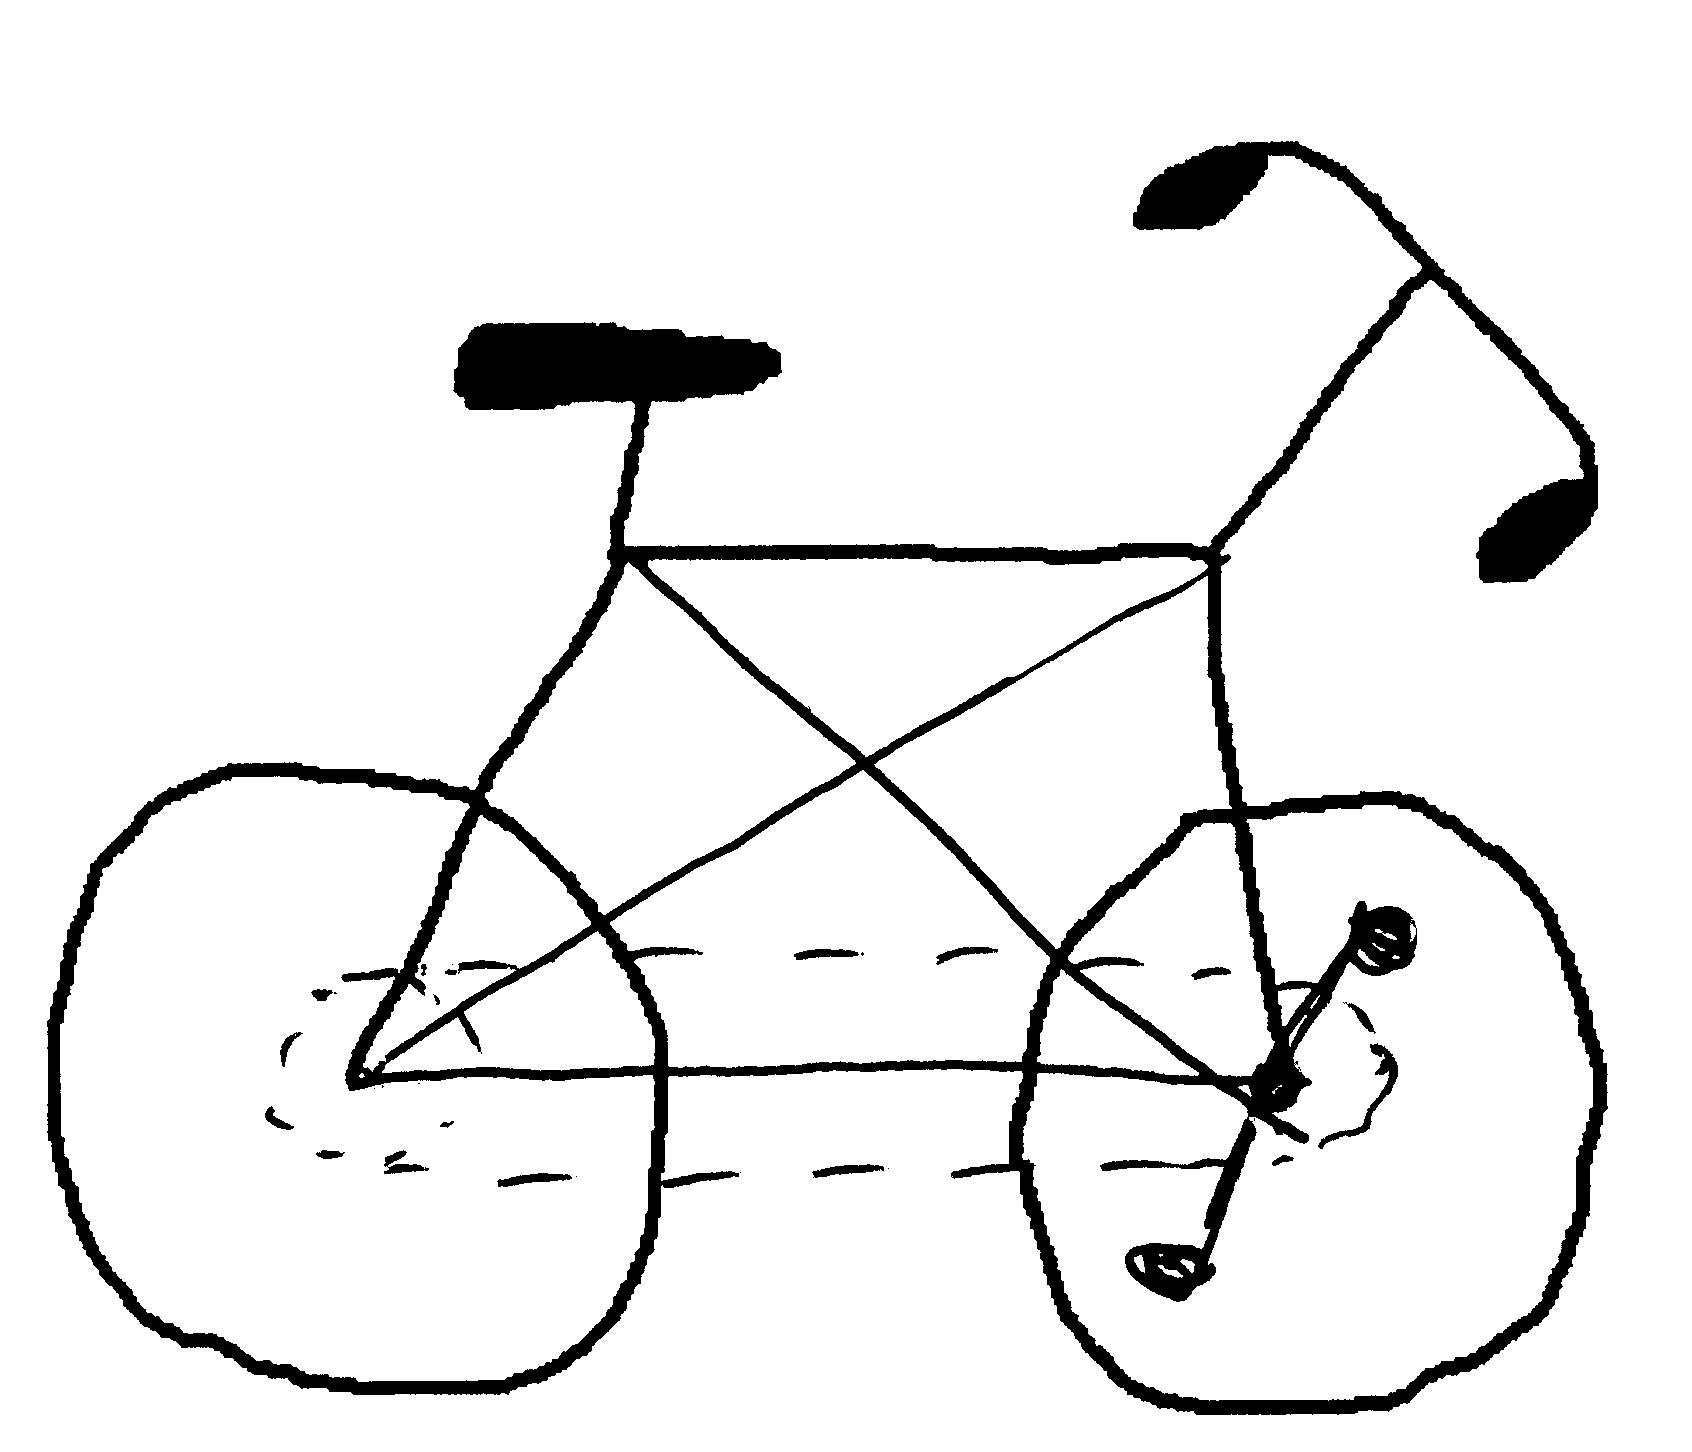 Drawn bike man made #2